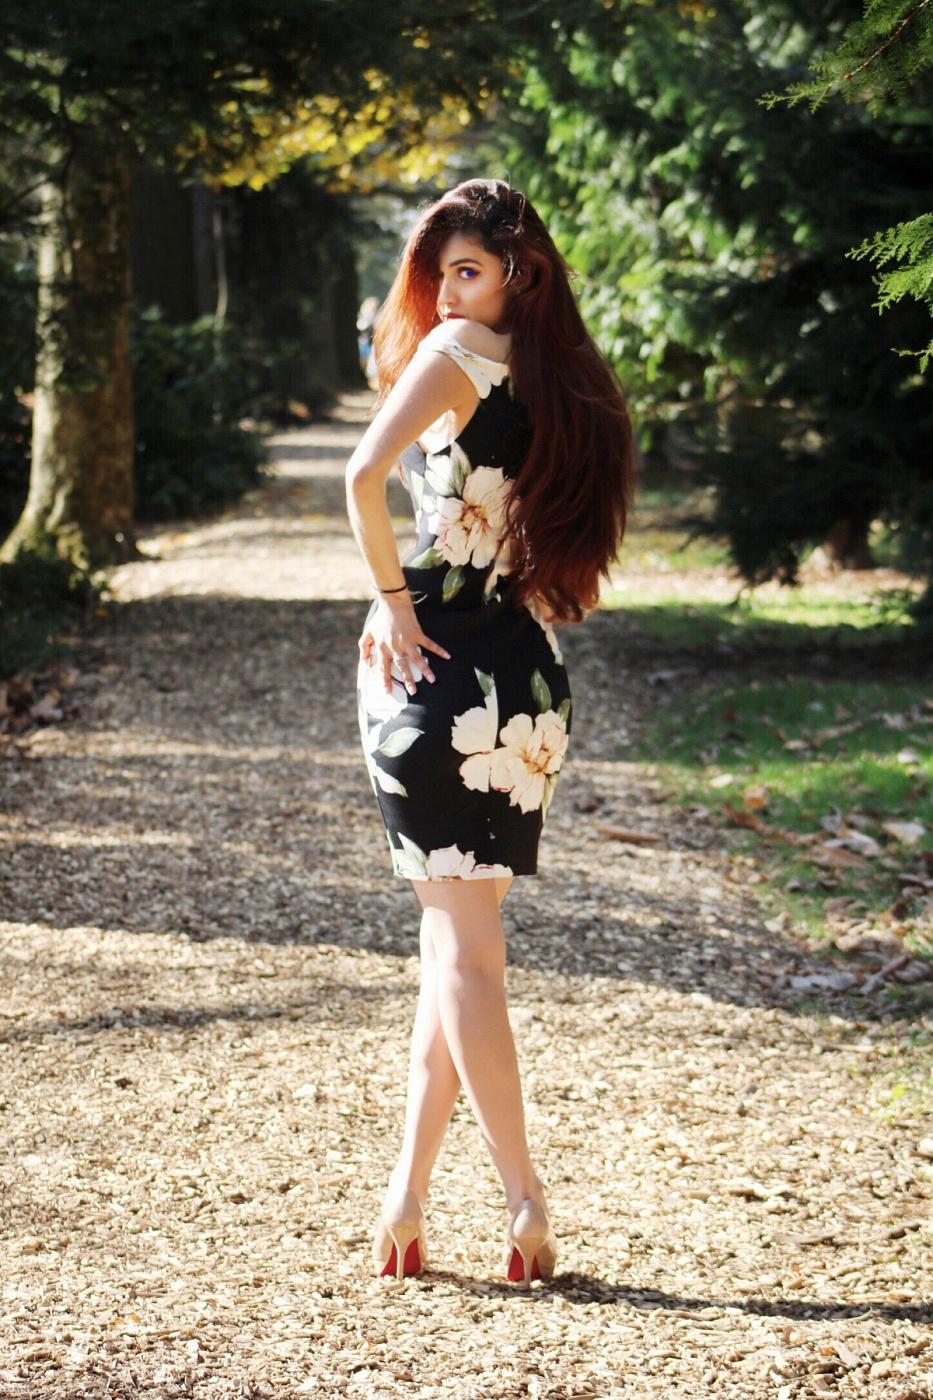 Victoria Black